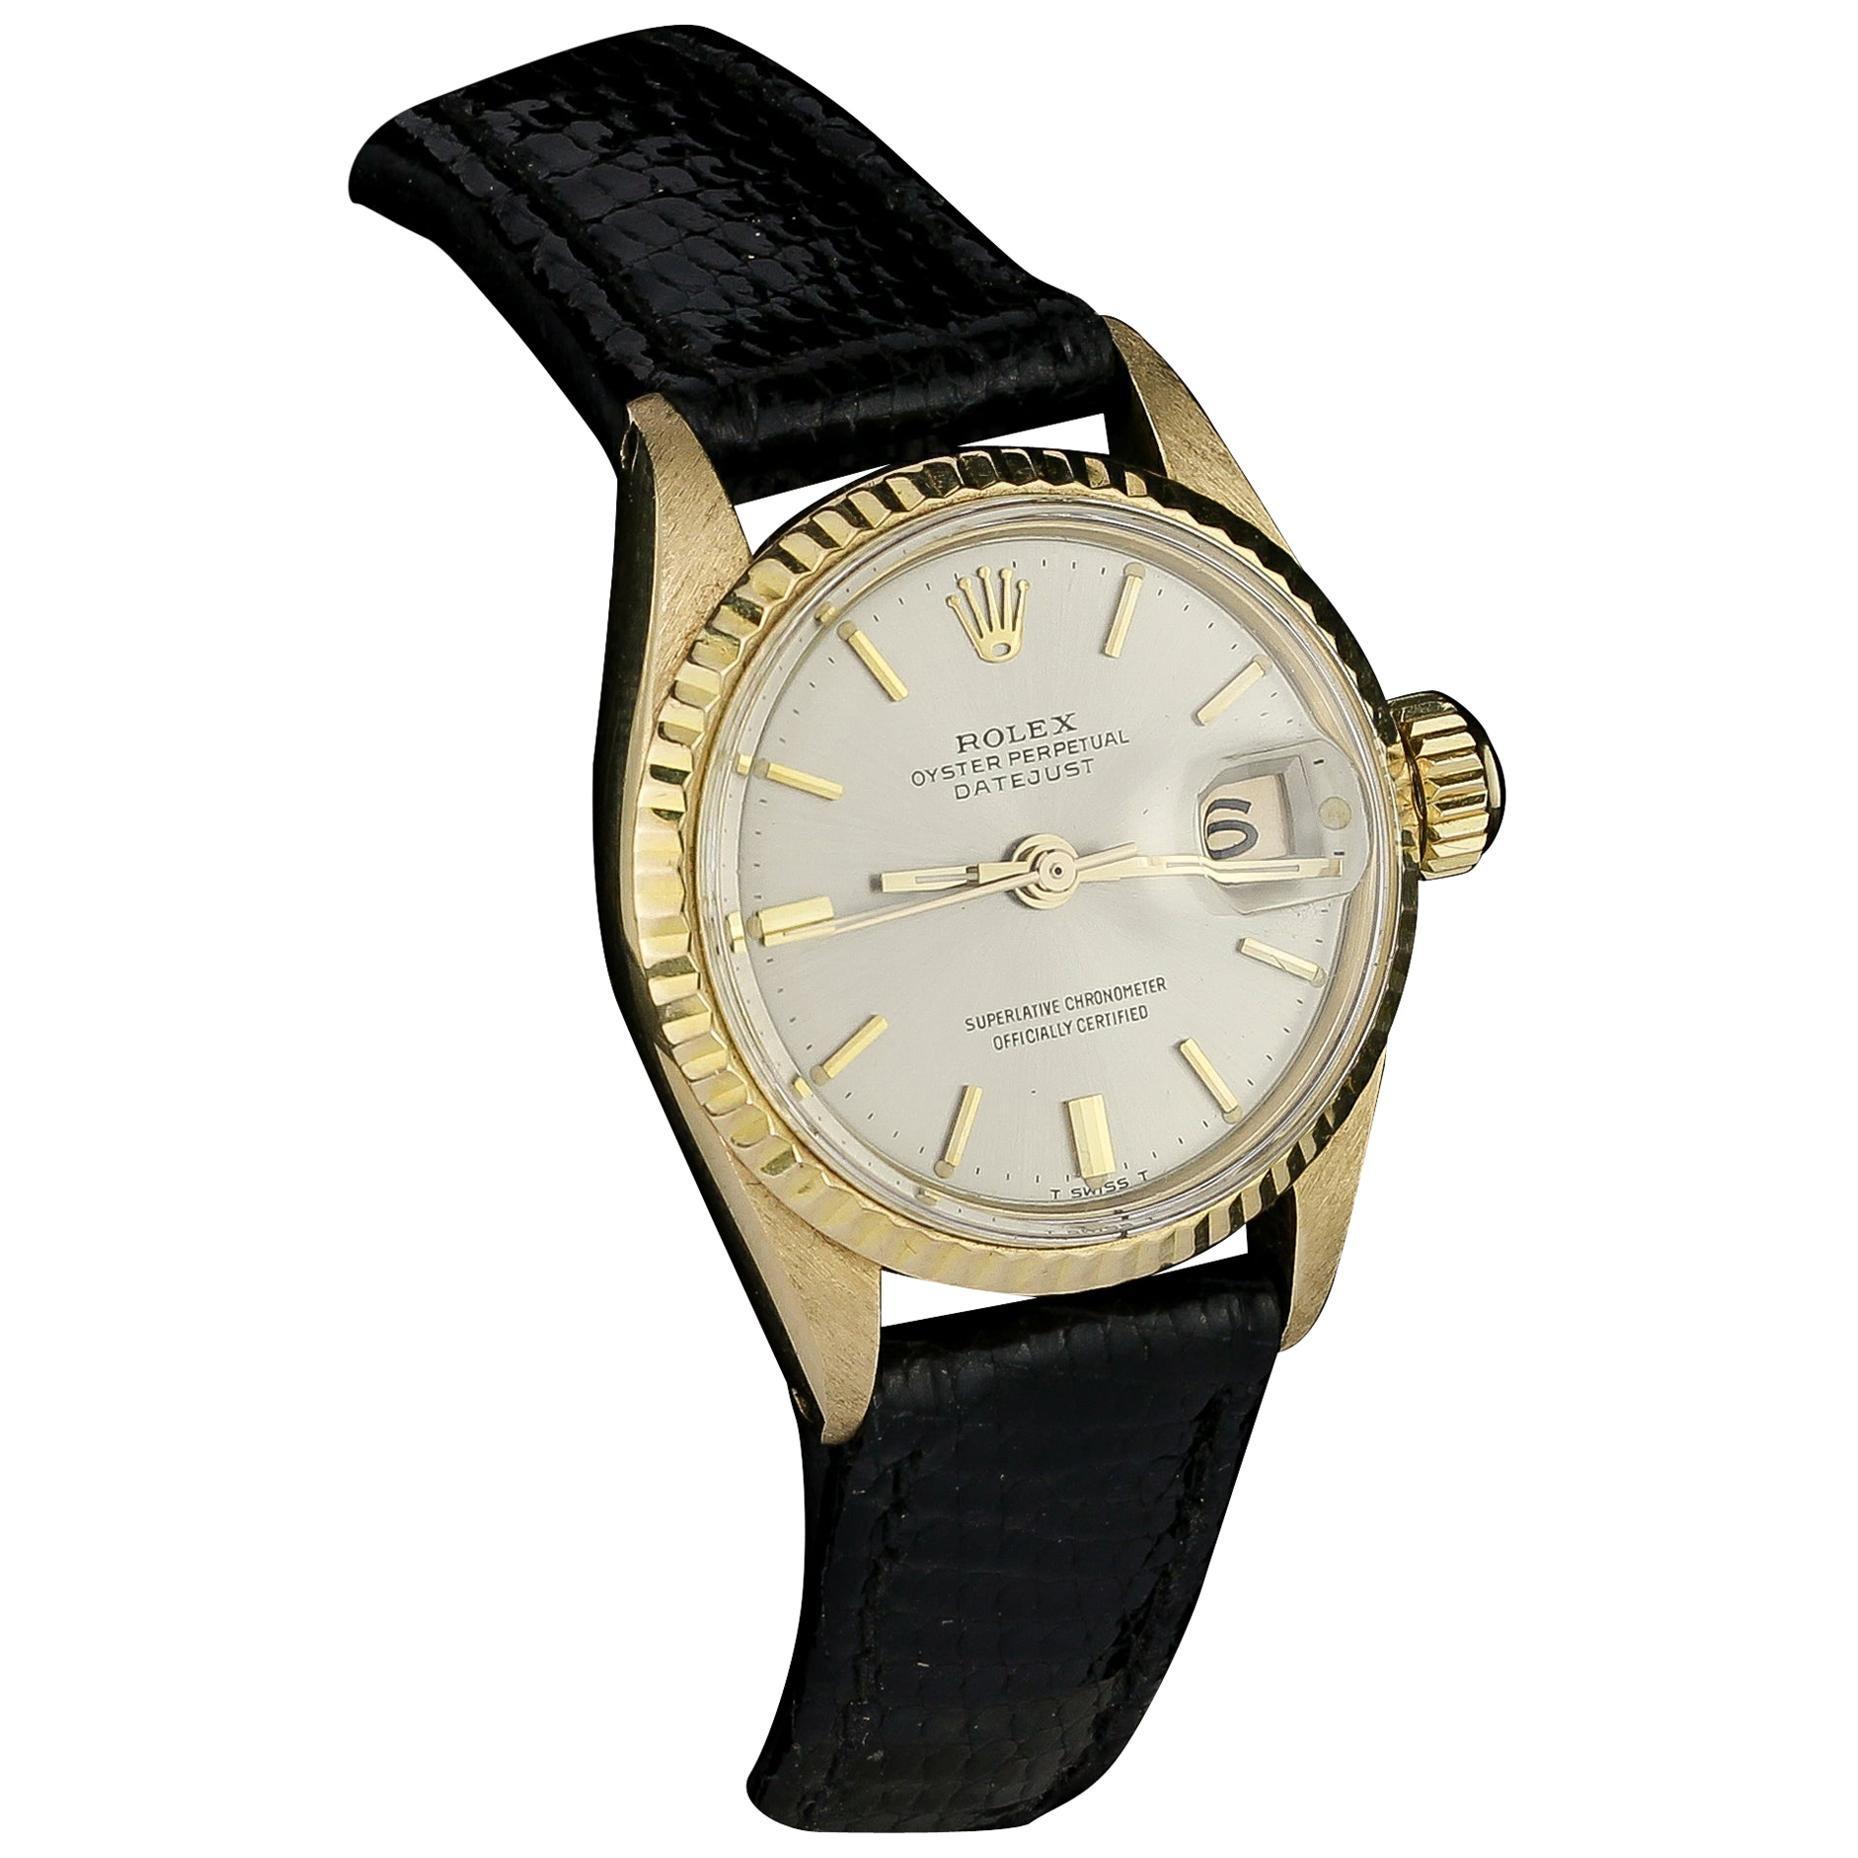 Rolex 18kt Gold Ladies Datejust Ref 6517-8, Circa 1969